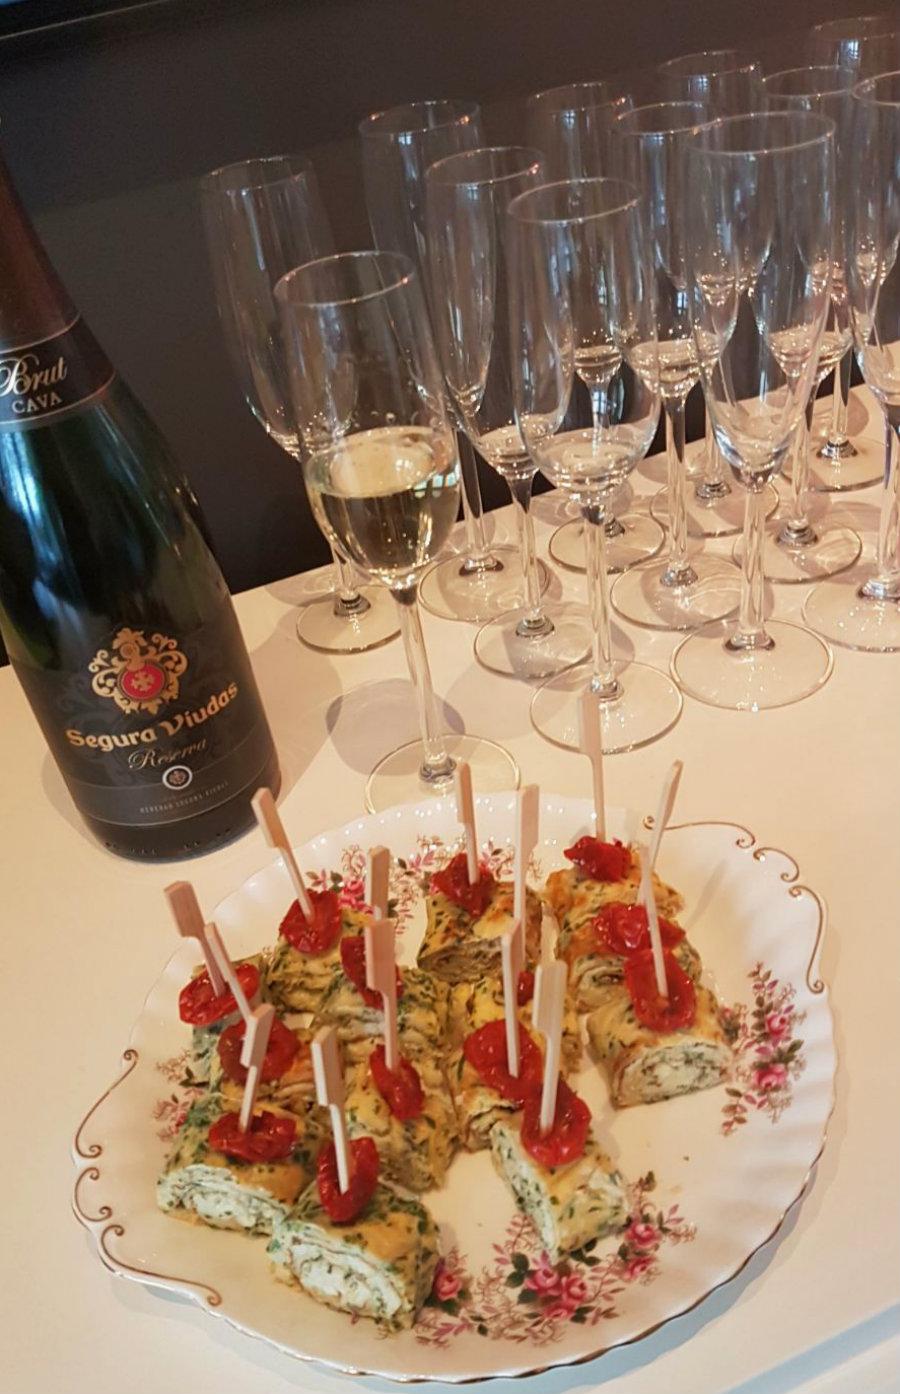 omeletrolletje met ricotta en een glaasje cava